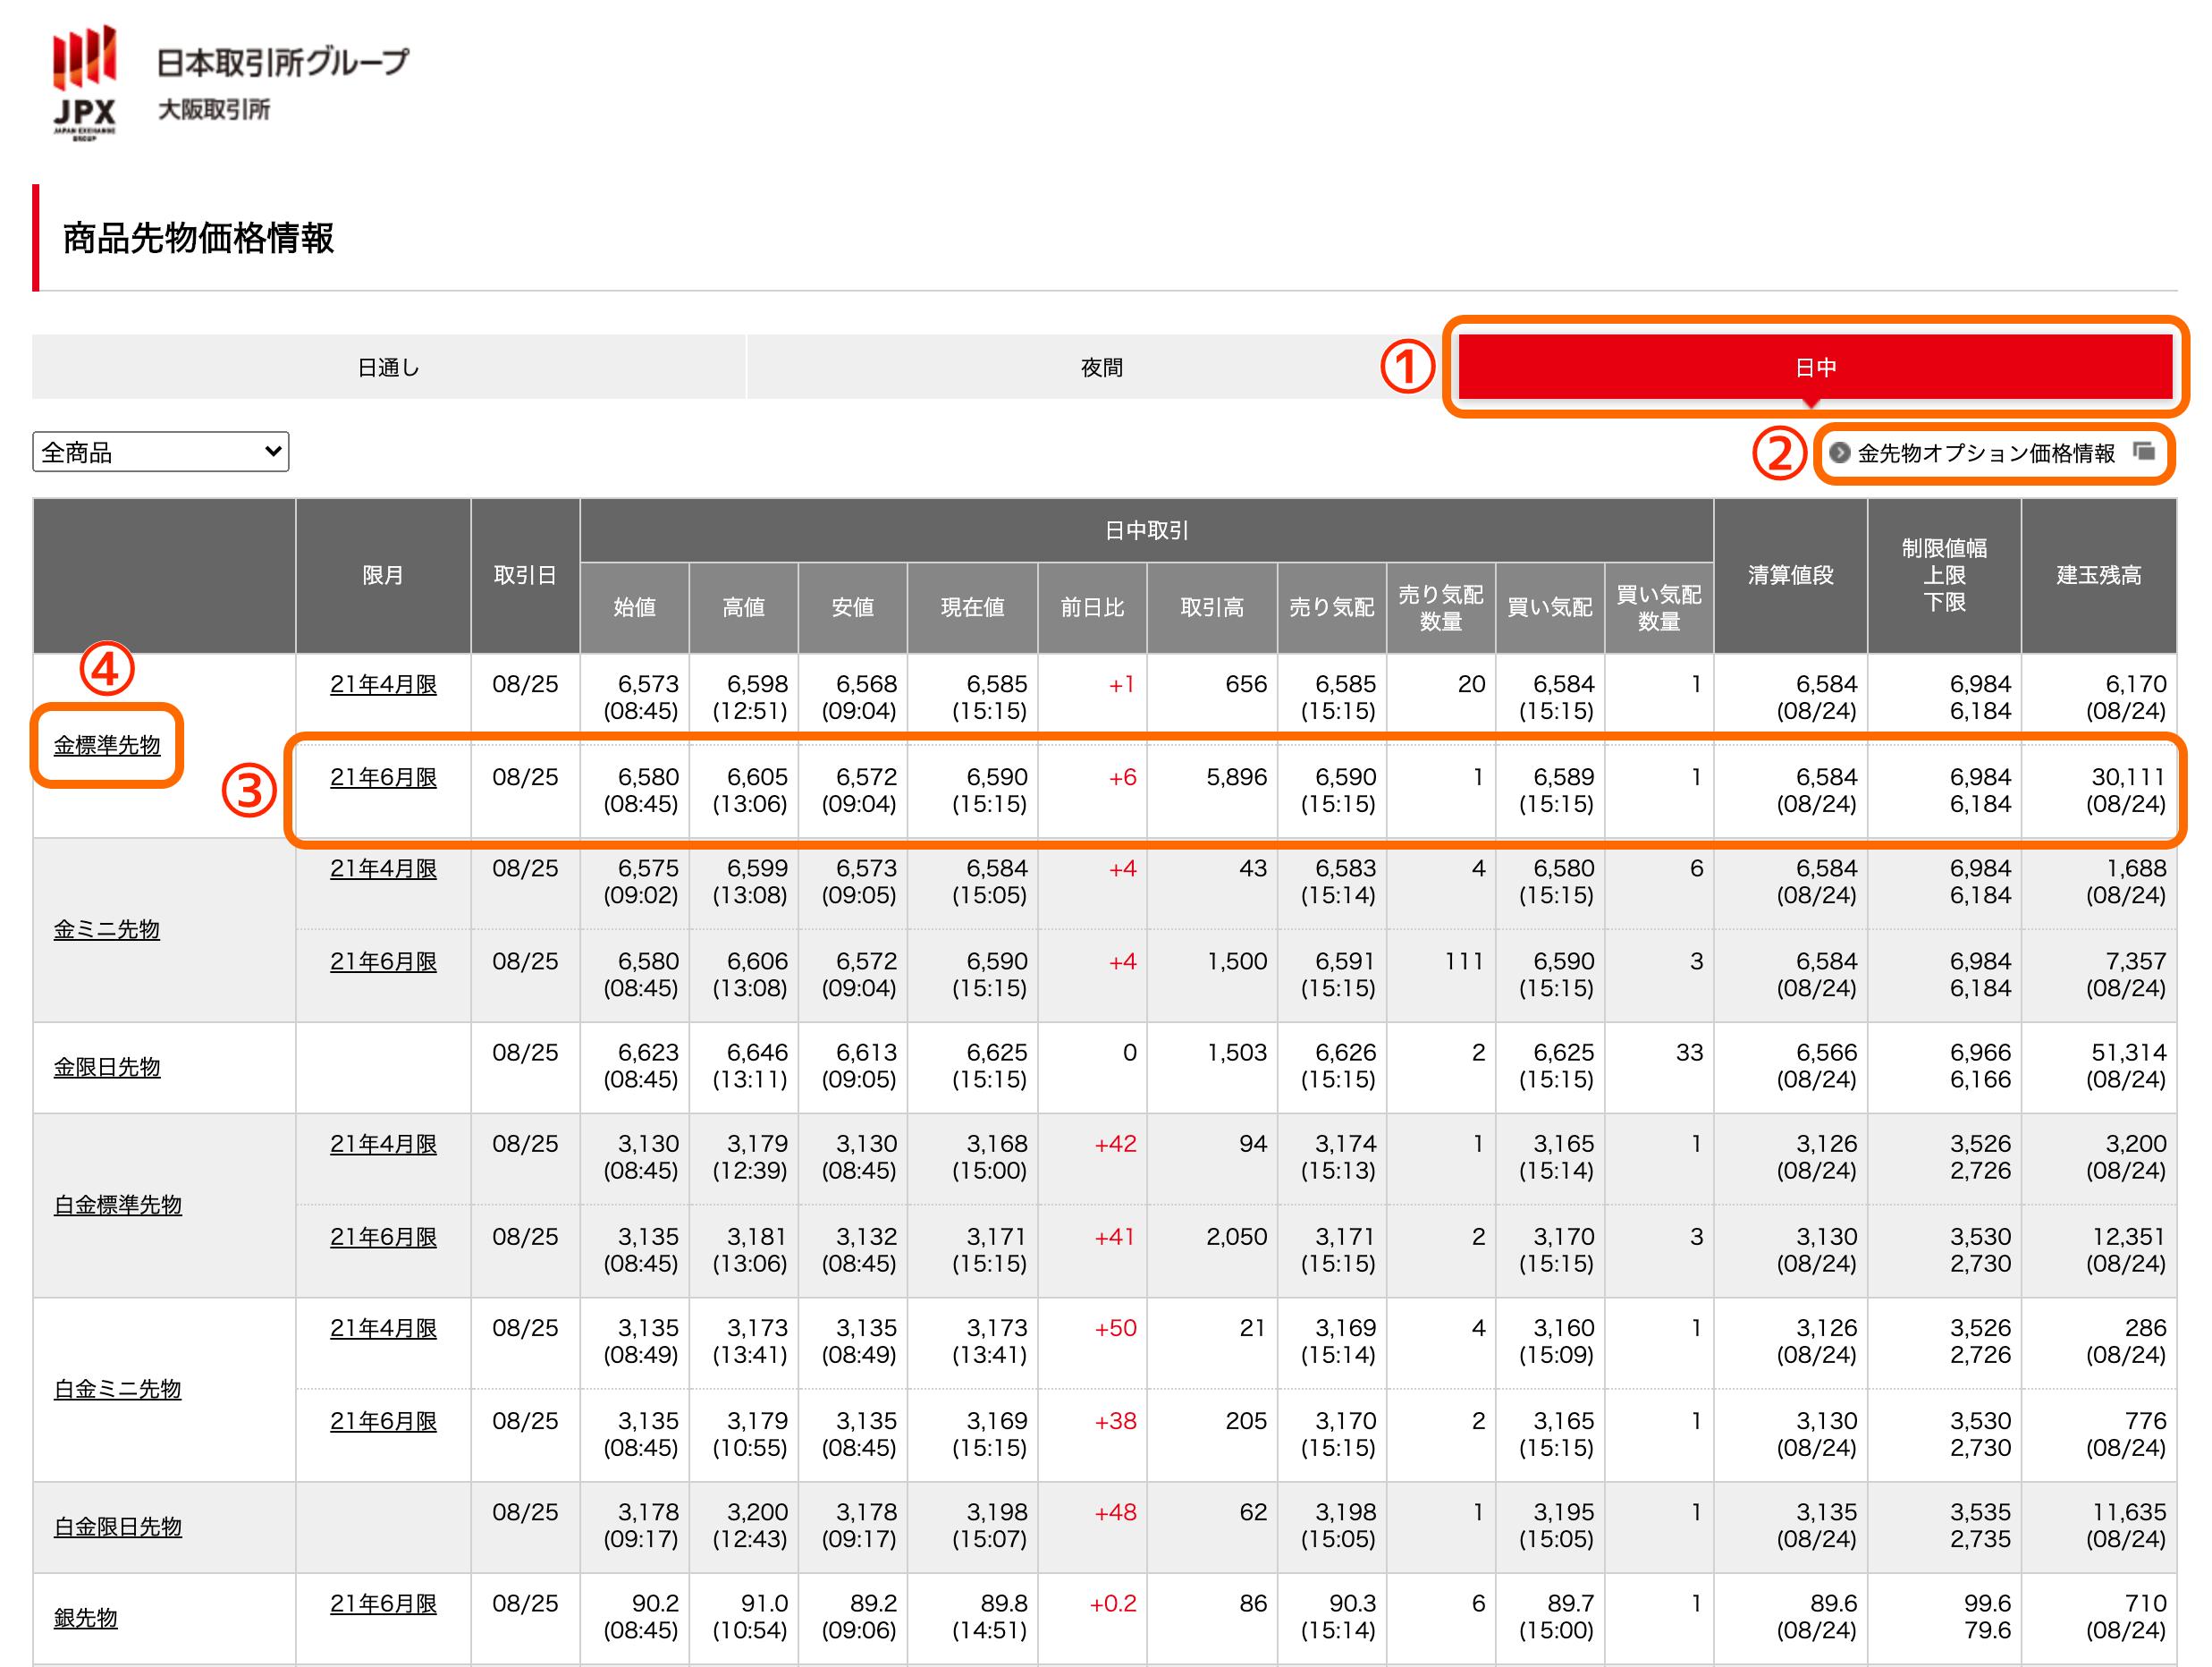 商品先物価格情報